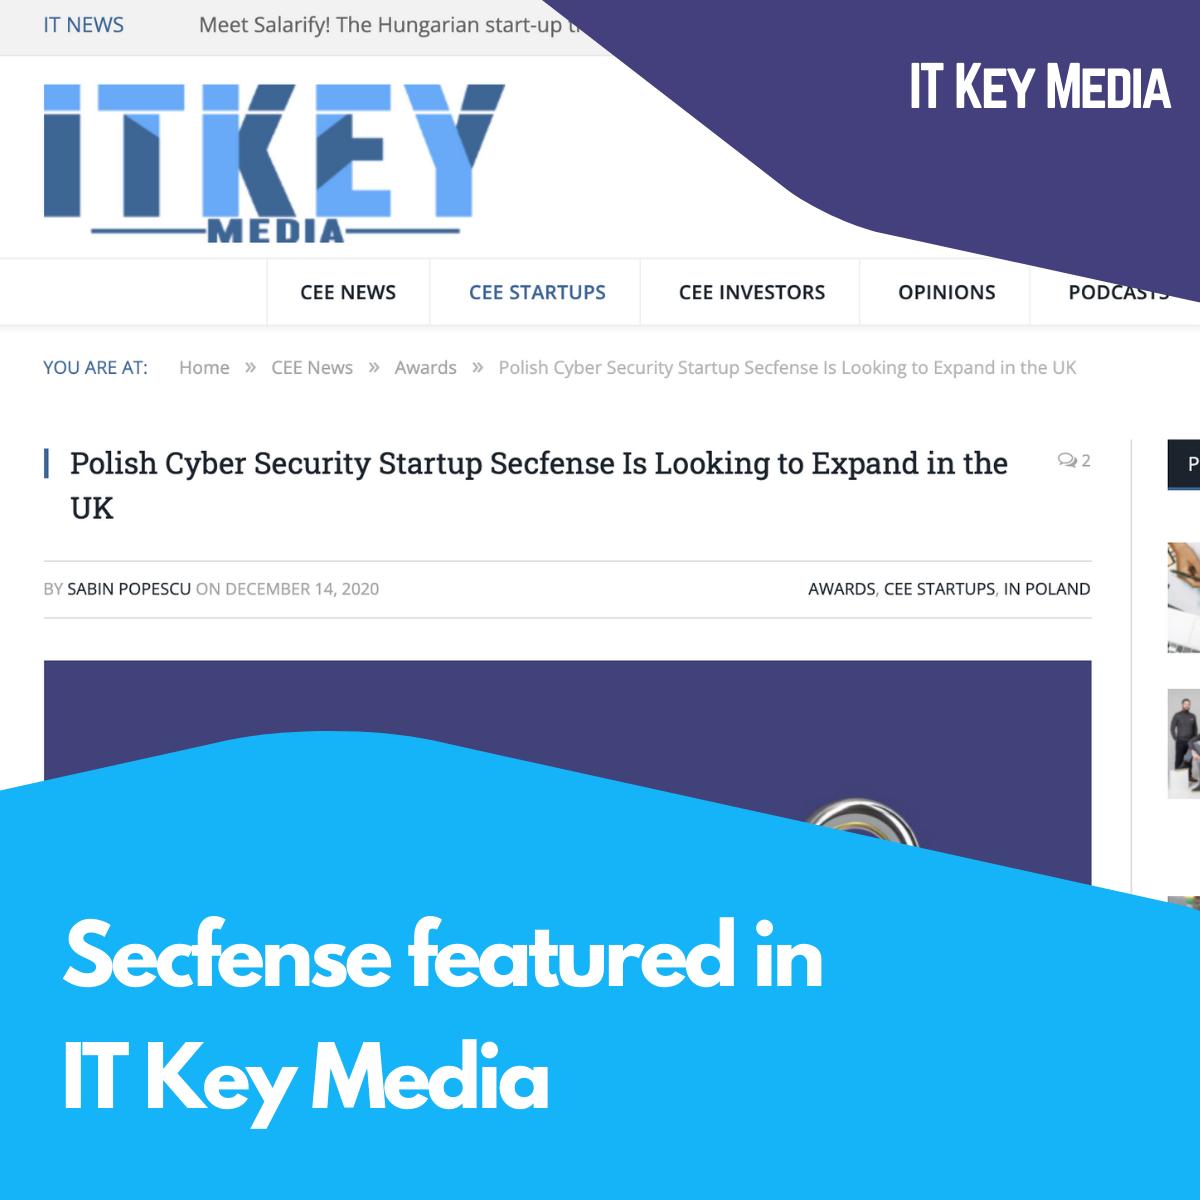 Secfense featured in IT Key Media